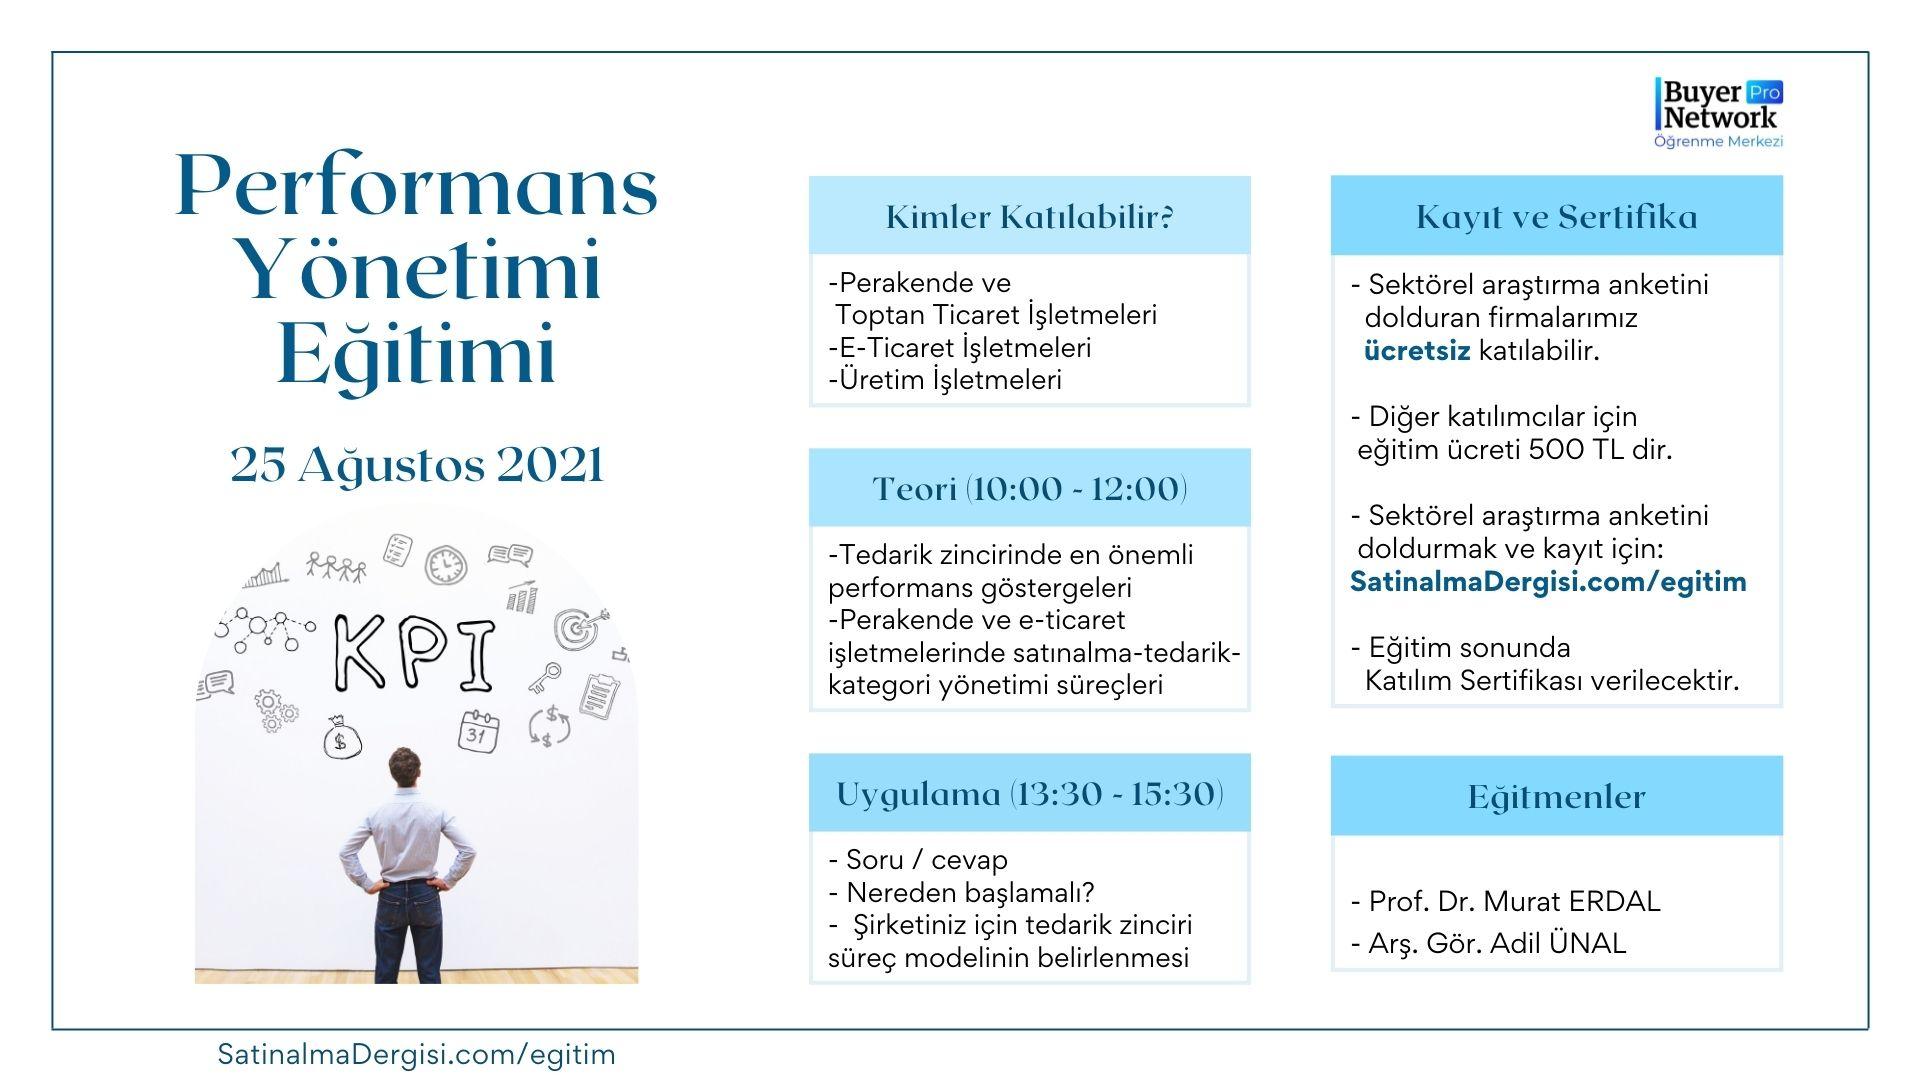 Performans Yönetimi Eğitimi 25 Ağustos 2021 Çarşamba